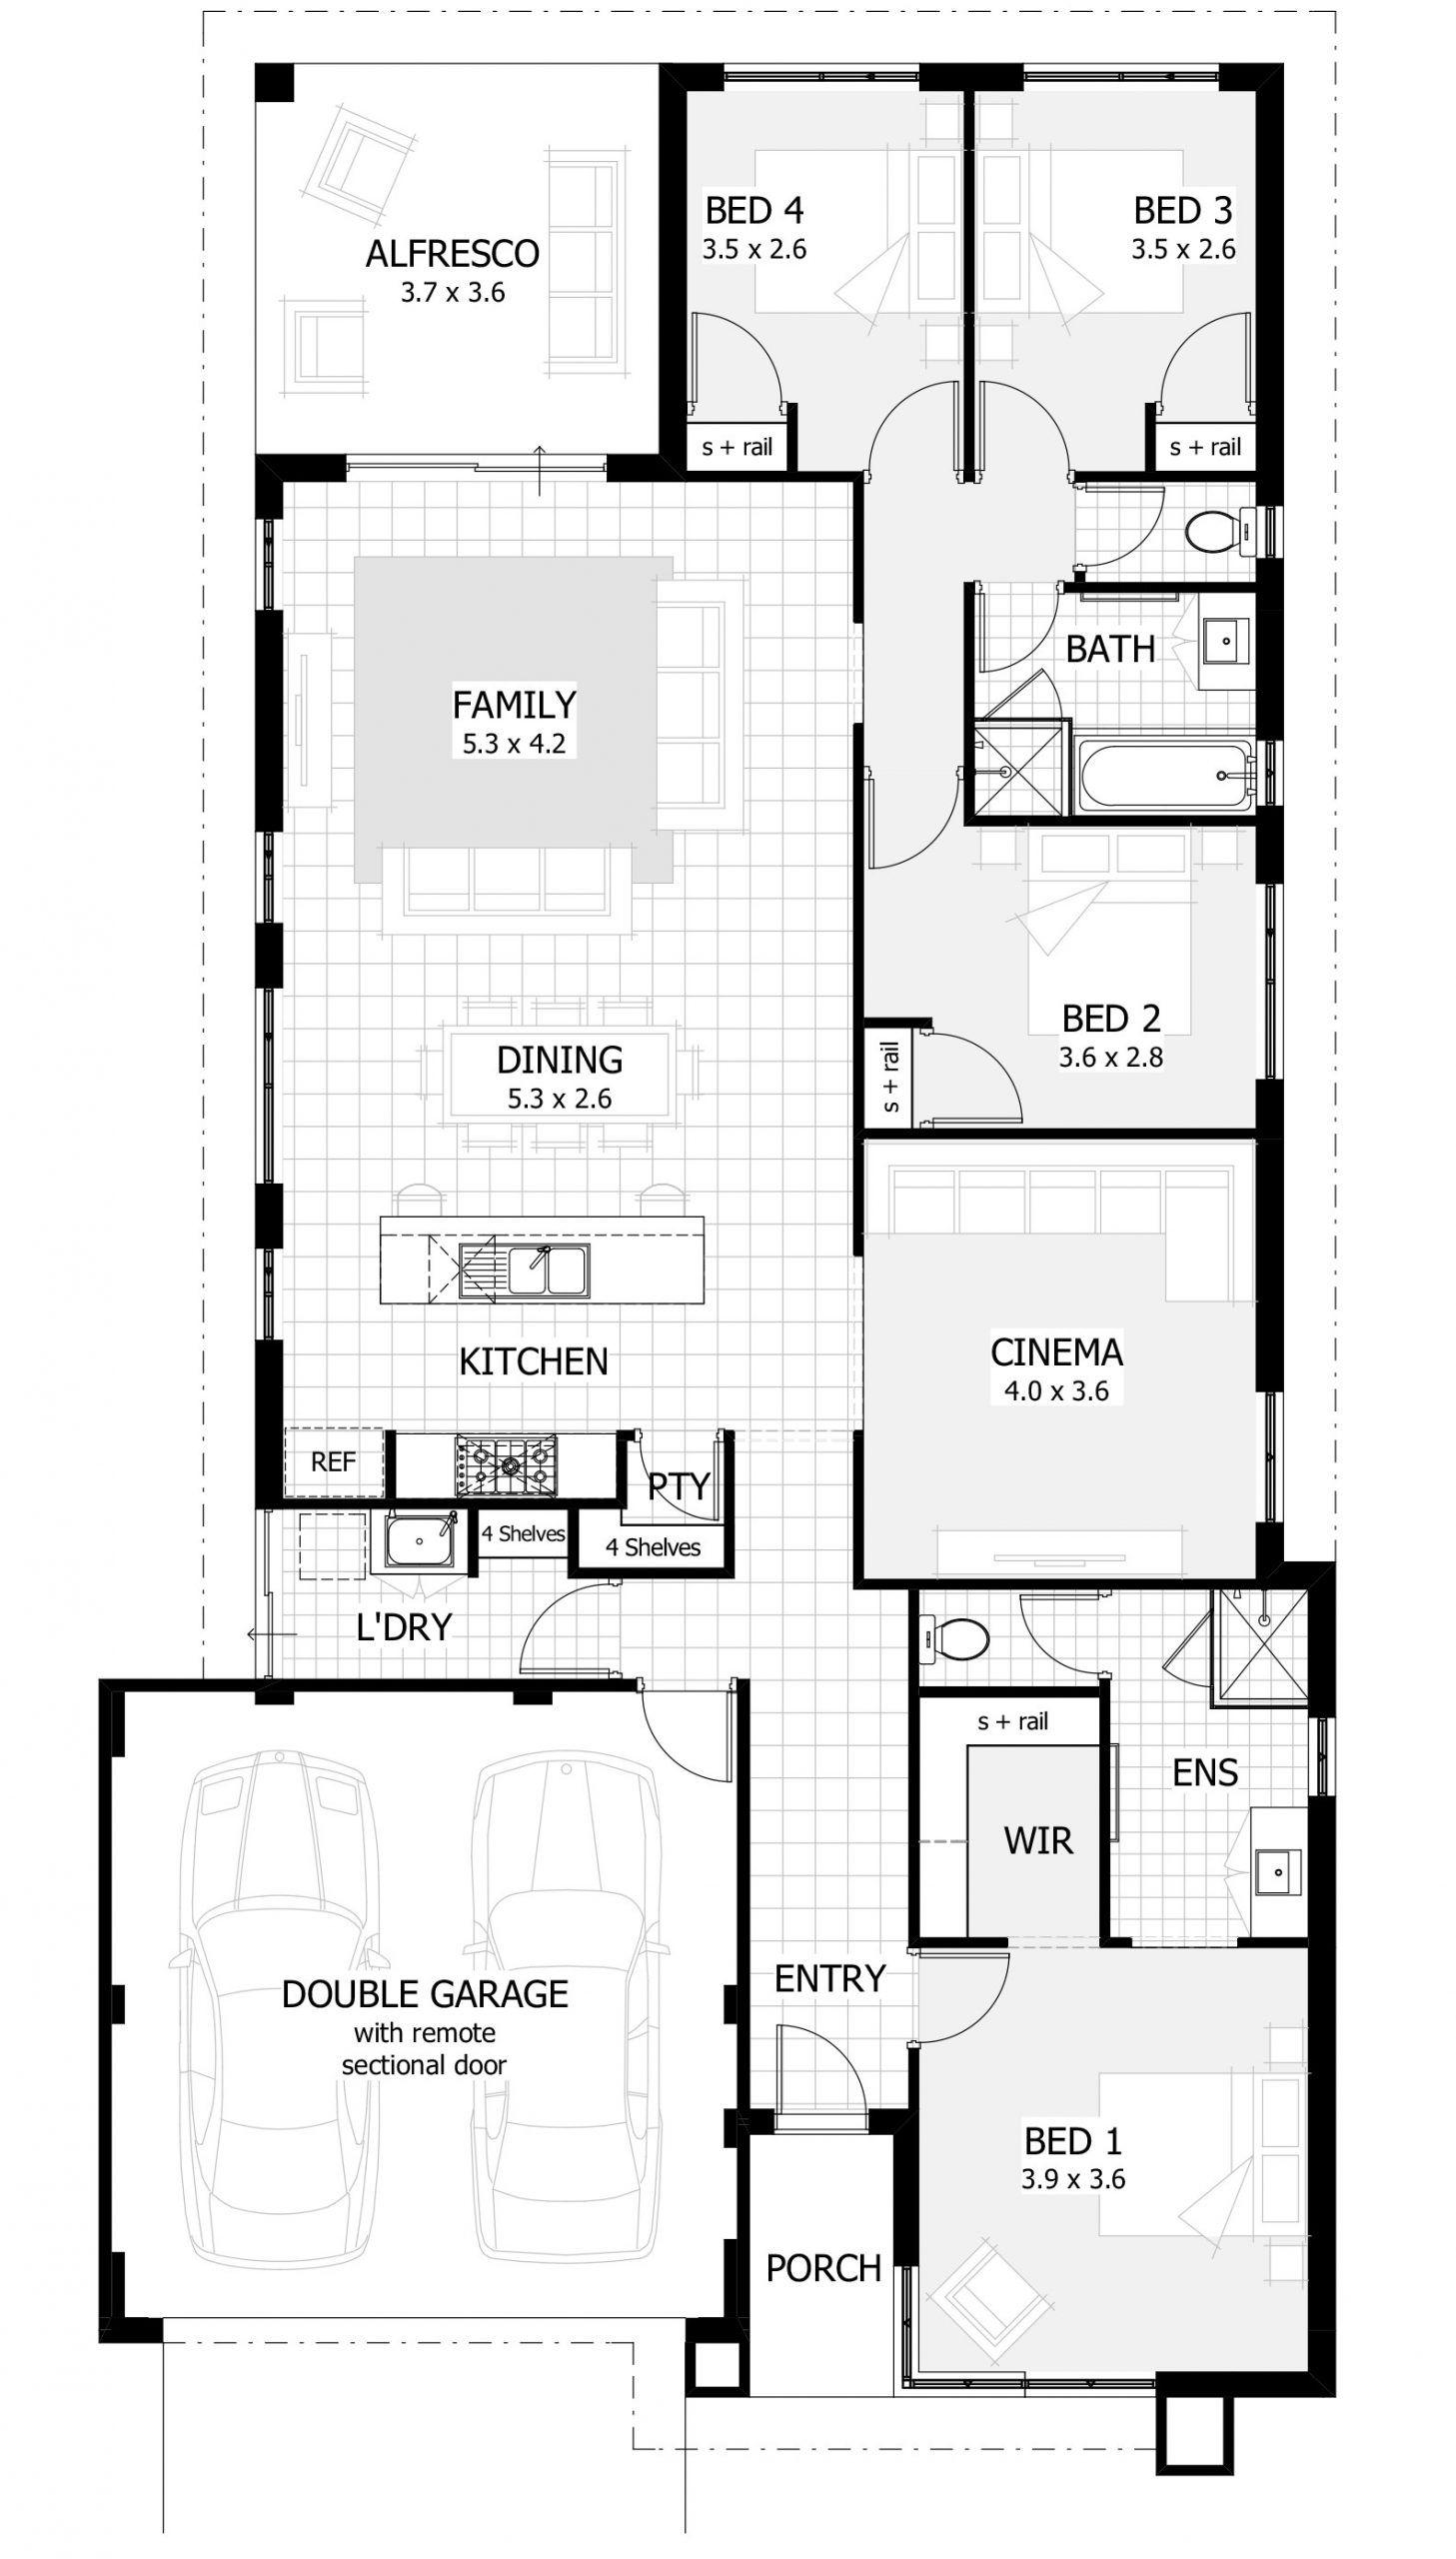 4 Bedroom House Plans Under 200 000 2021 Denah Rumah Denah Desain Rumah Desain